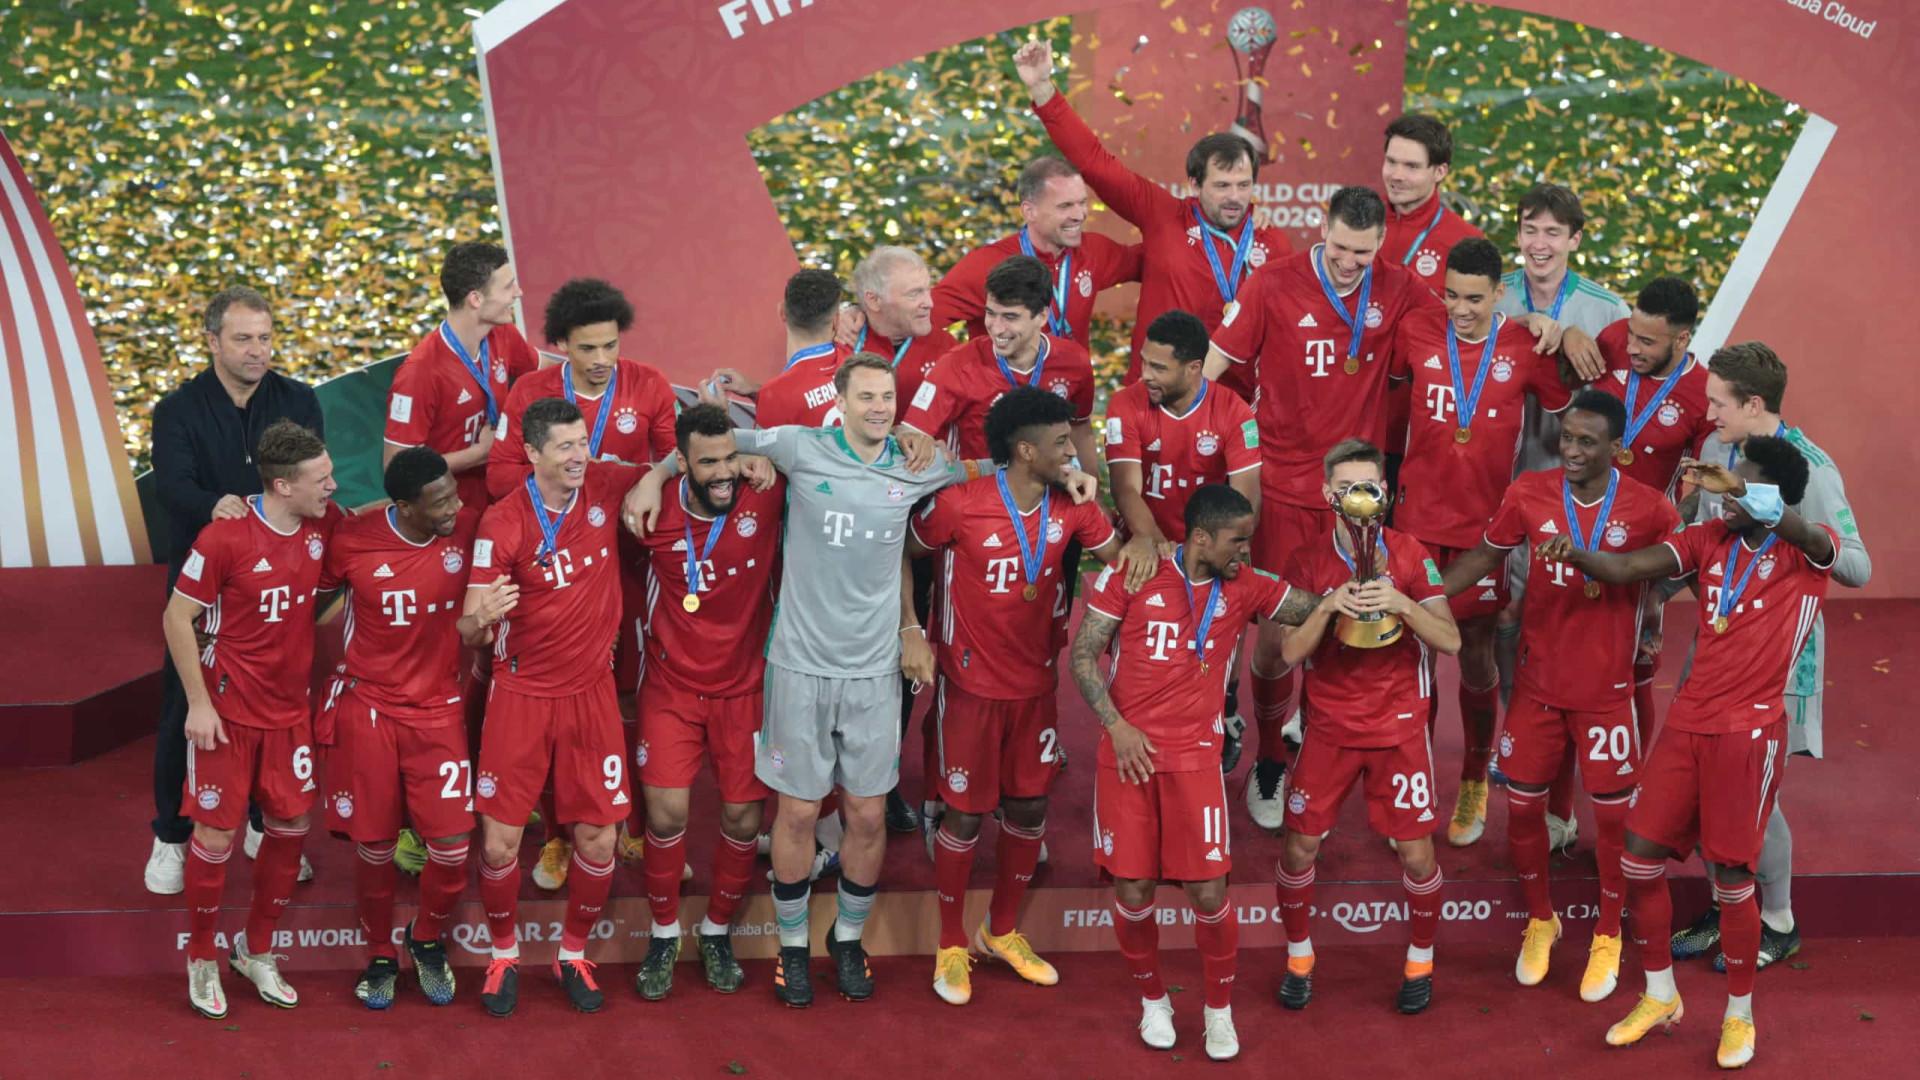 Bayern vence Tigres, conquista o Mundial e fatura o sexto título em um ano